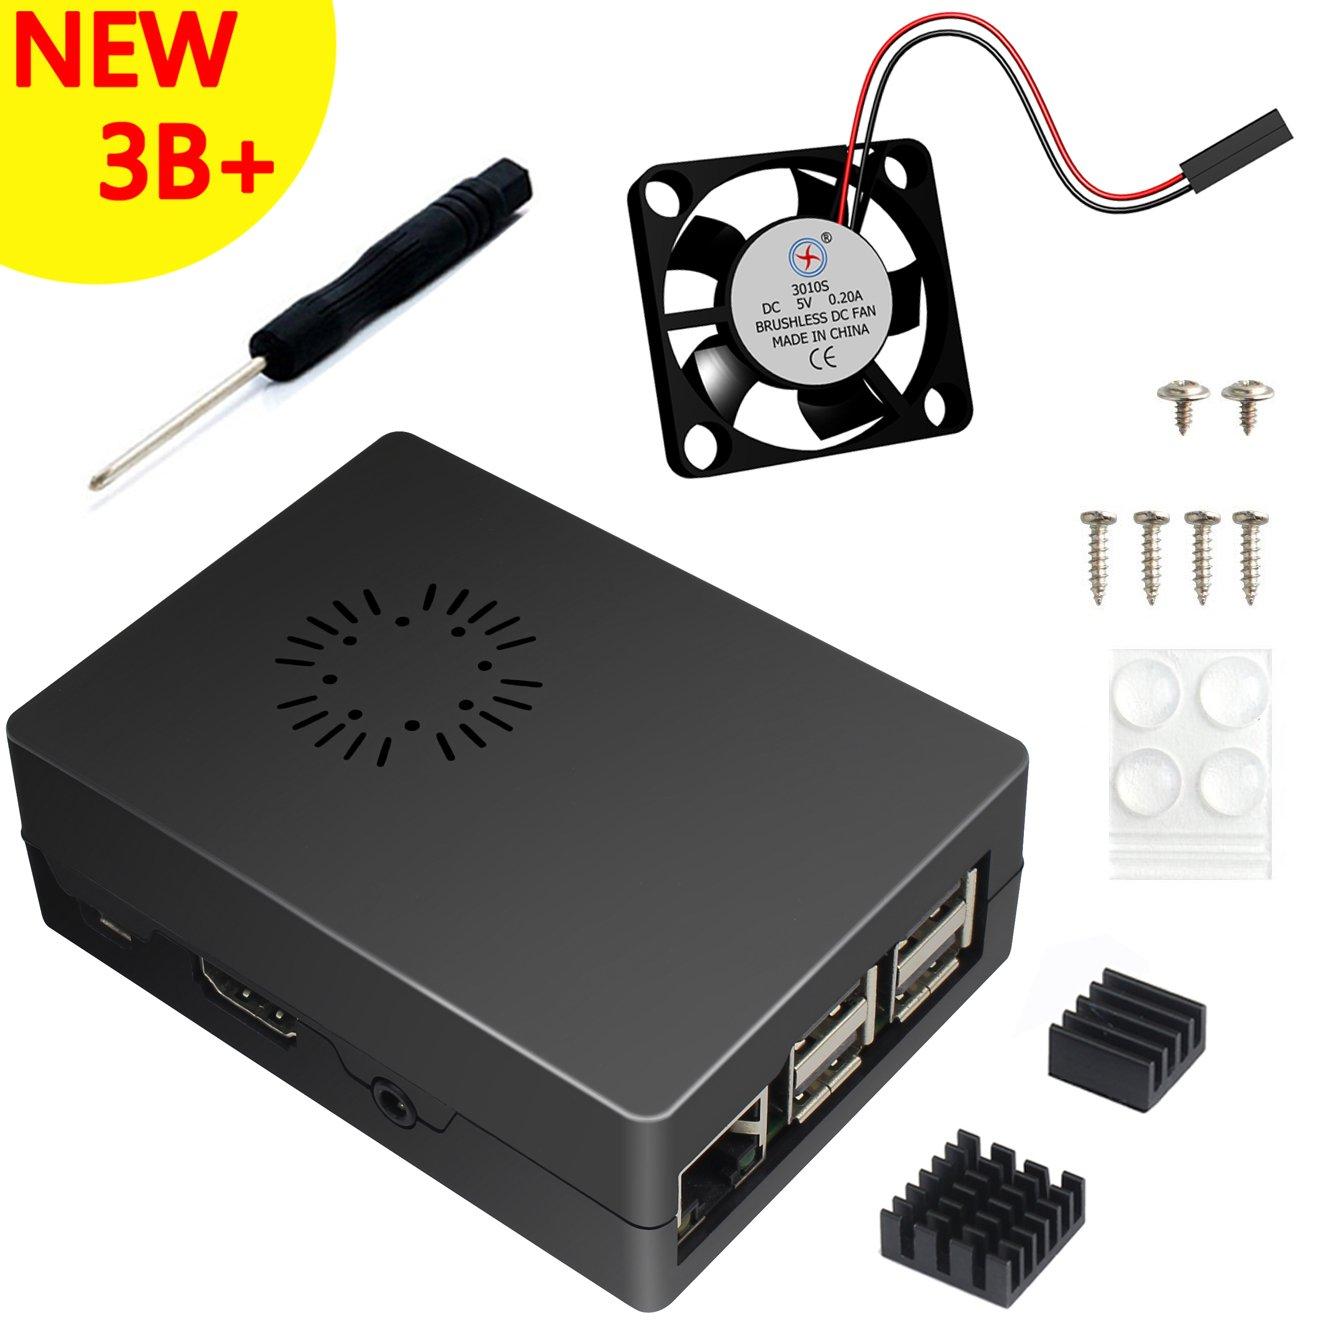 ABS Negro Caja Para Raspberry Pi 3 Modelo B+ Plus With Ventilador, Dos Disipadores De